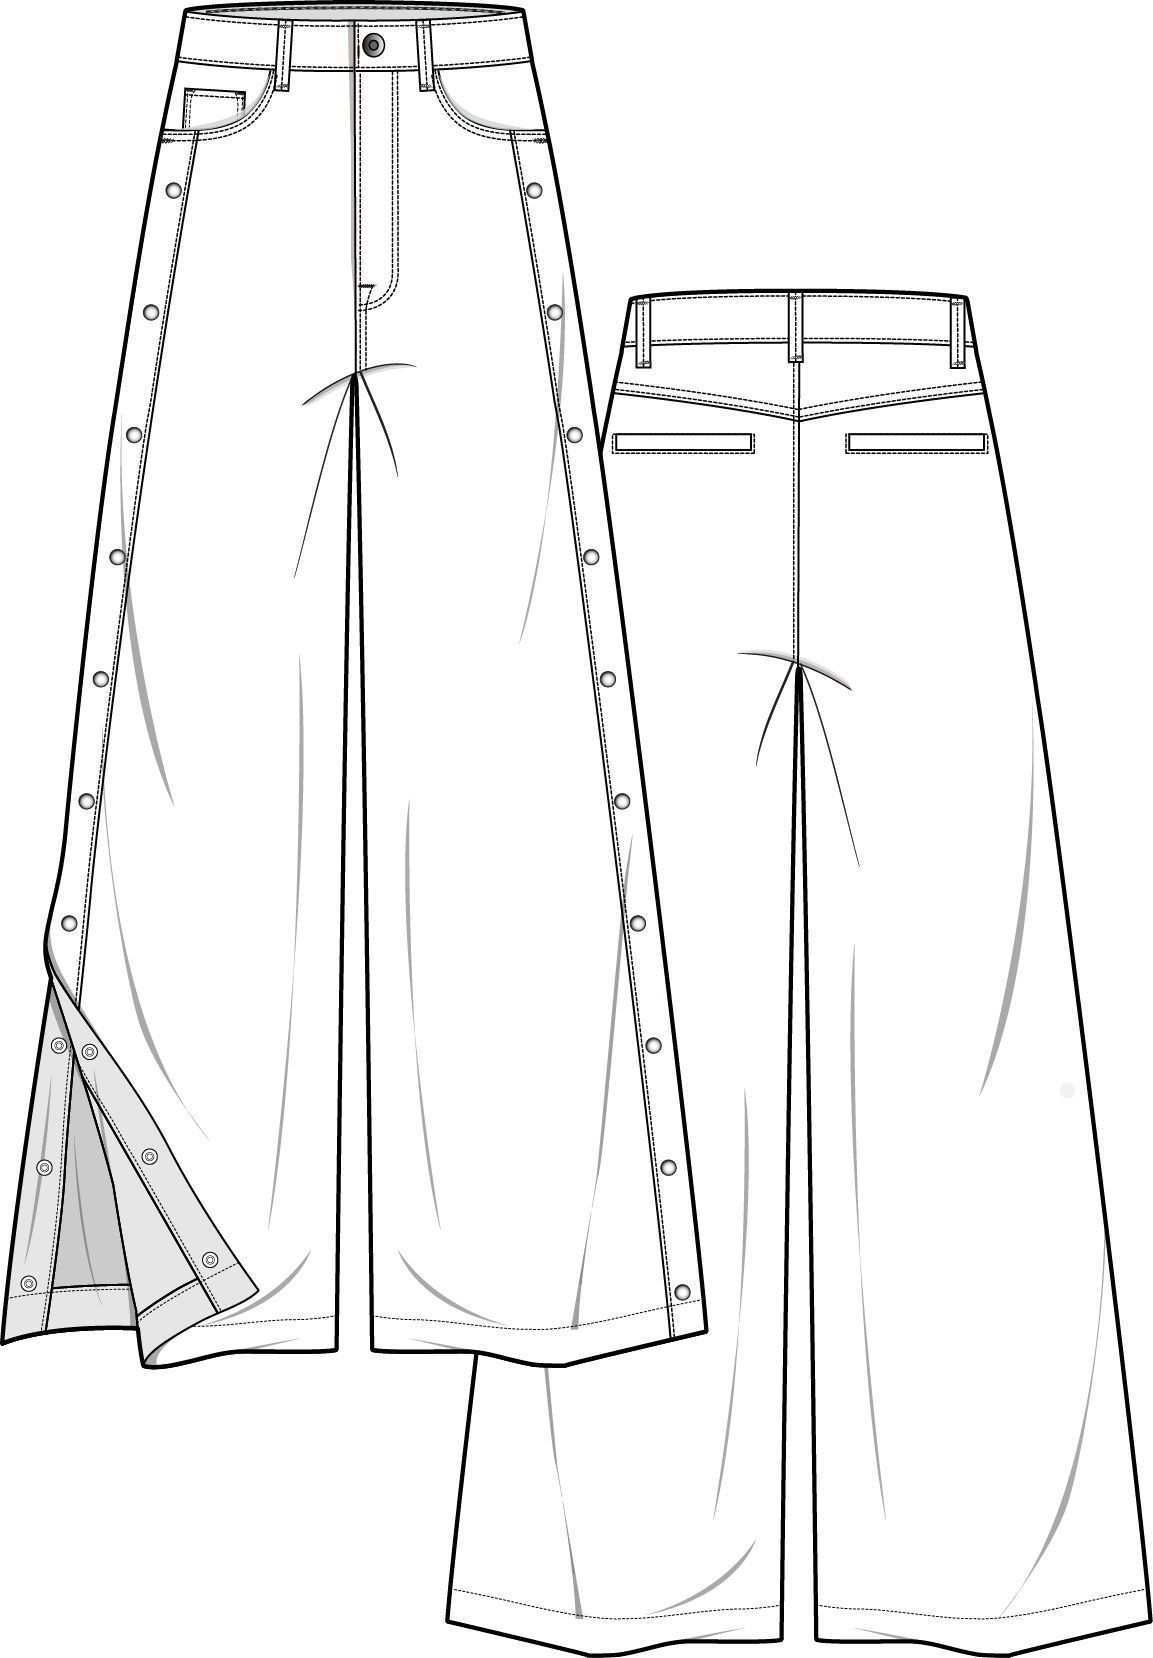 Pants Fashion Flat Technical Drawing Template Pants Fashion Flat Technical Drawing Template Pants Fashio In 2020 Hosen Mode Technische Zeichnung Kleidung Entwerfen